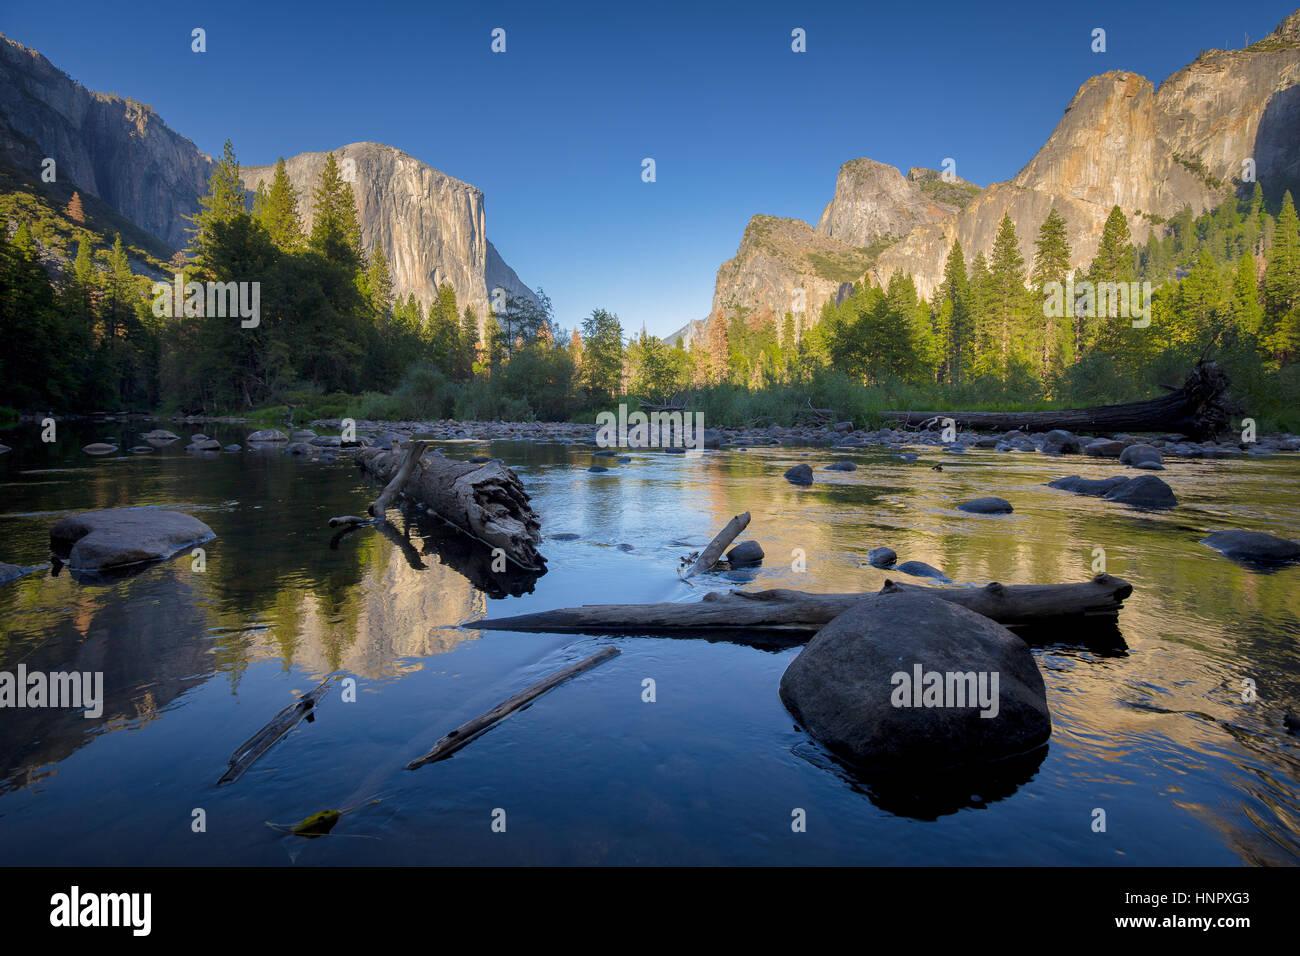 Vista clásica del pintoresco valle de Yosemite con Capitan de carril elevado famoso escalada cumbre y idílico río Merced en la hermosa luz del atardecer al atardecer, EE.UU. Foto de stock